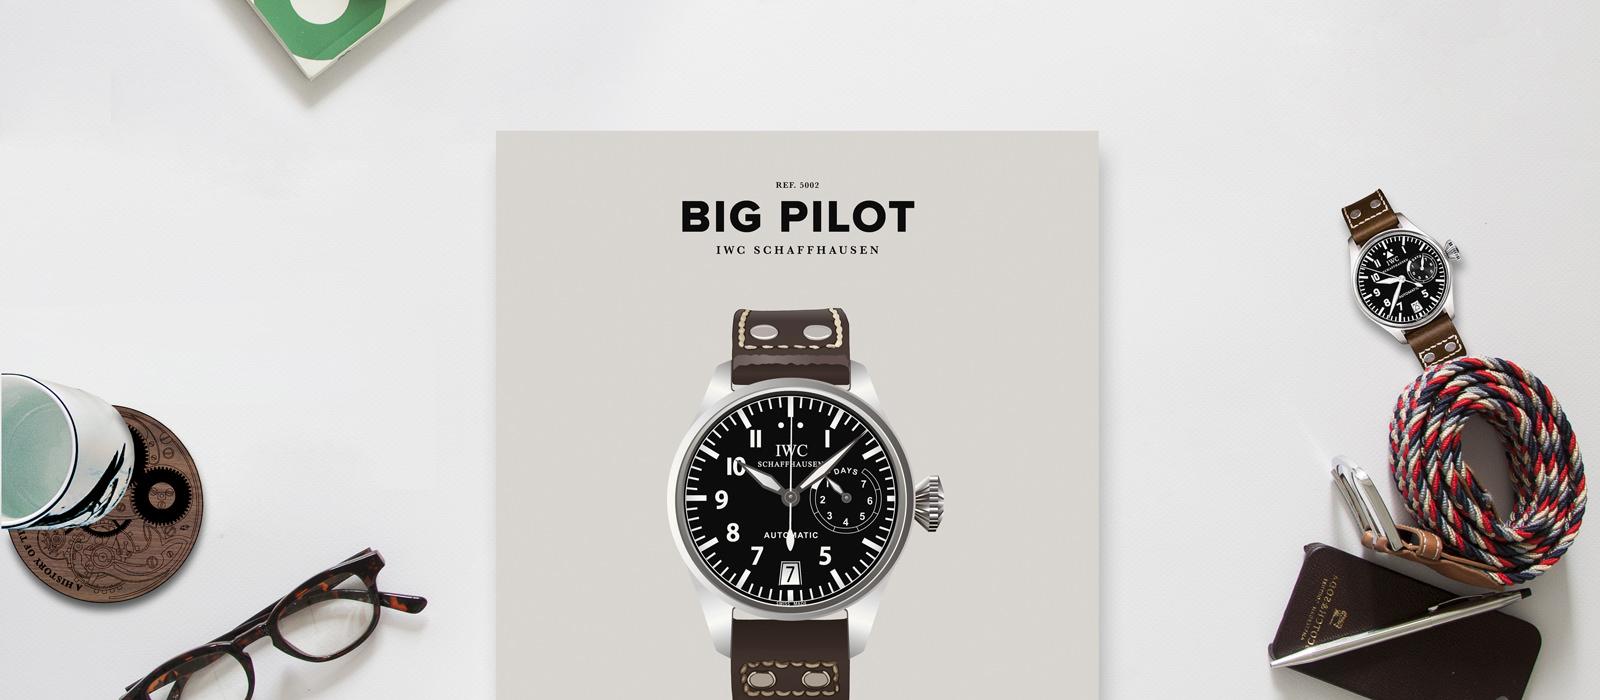 AHOT_P12_BigPilot_LR_5e6ec7a0-2441-4b72-b187-389052ad010b